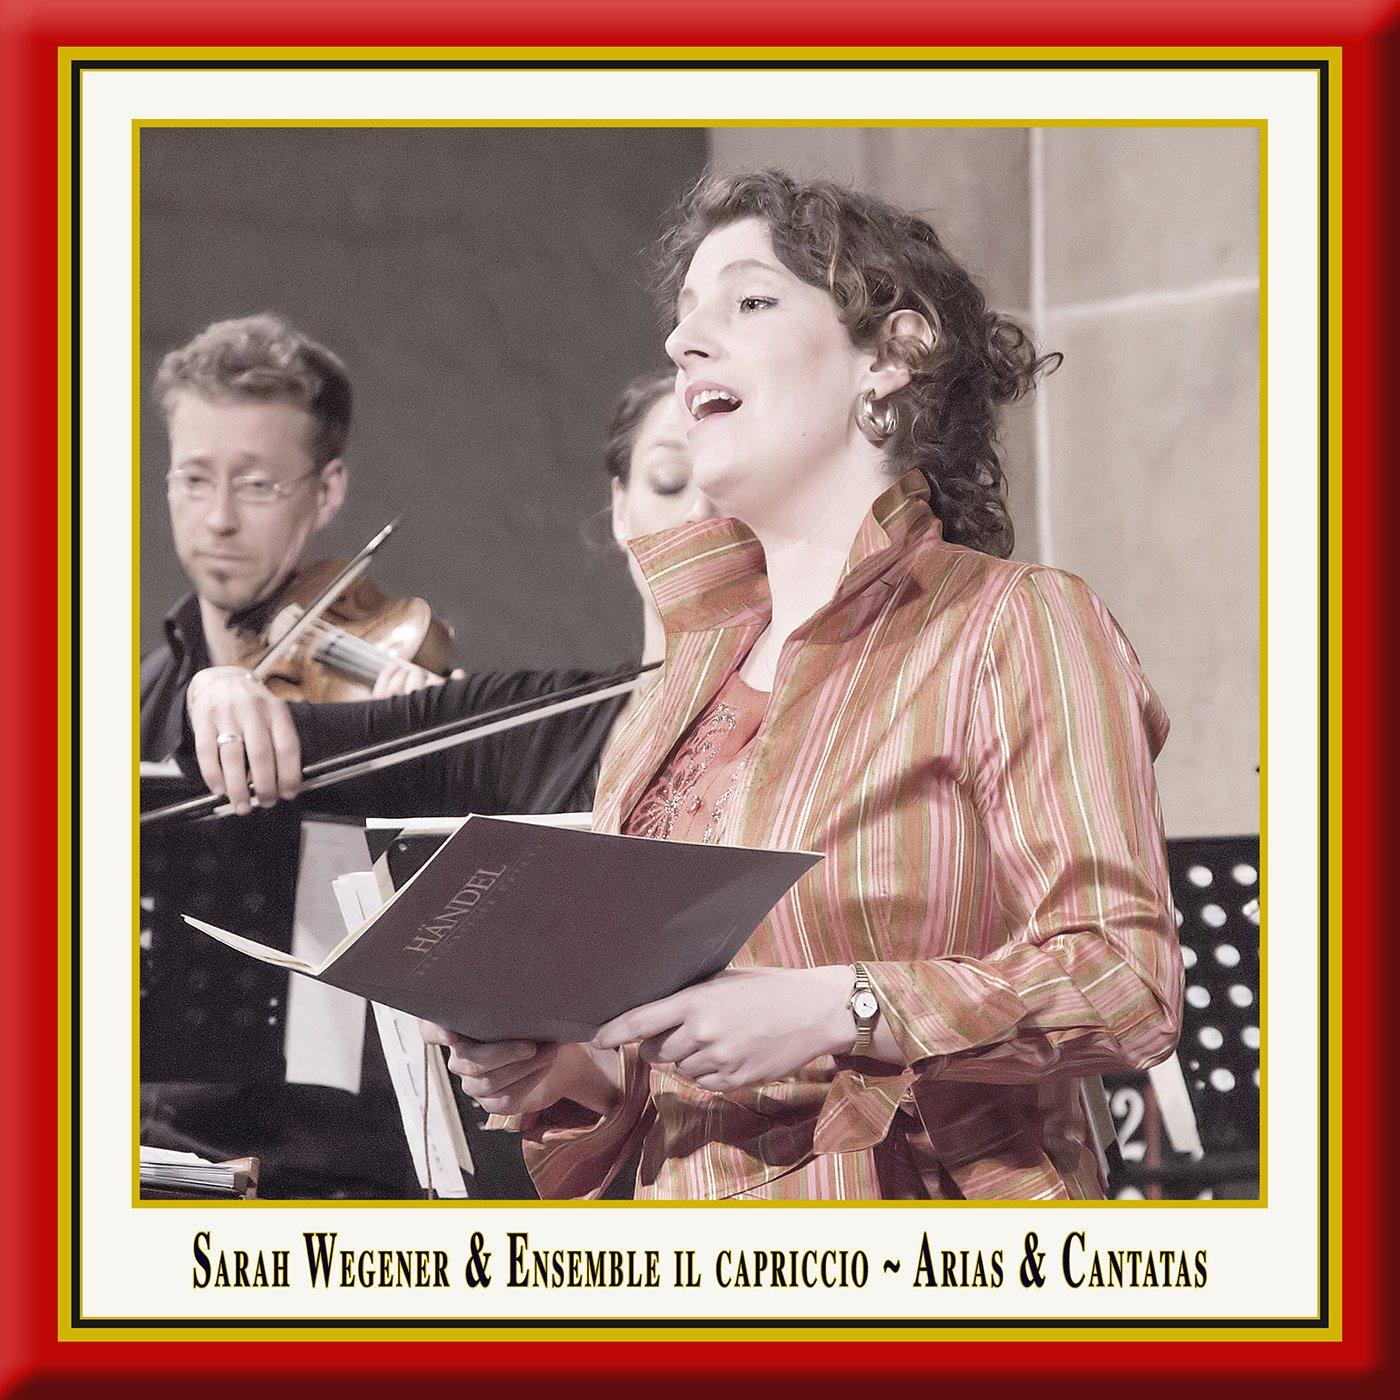 Sarah Wegener & Ensemble Il Capriccio: Arias & Cantatas (Live)